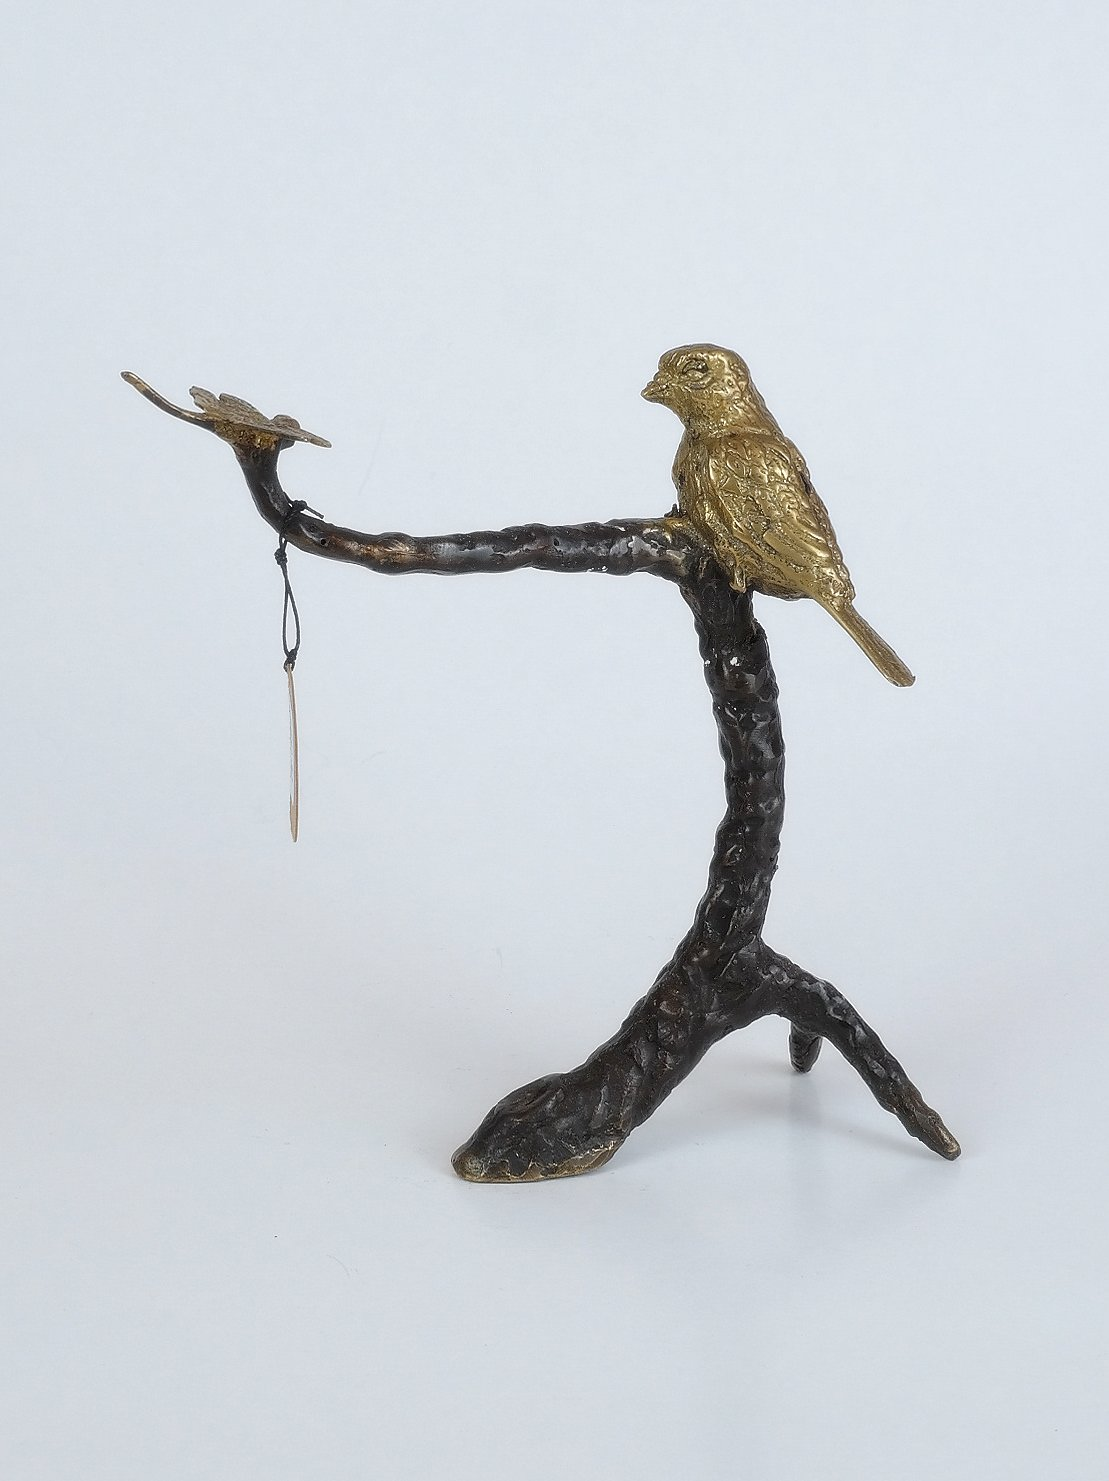 Réz és bronz madaras szobor Indonéziából, Baliról, Ubudból